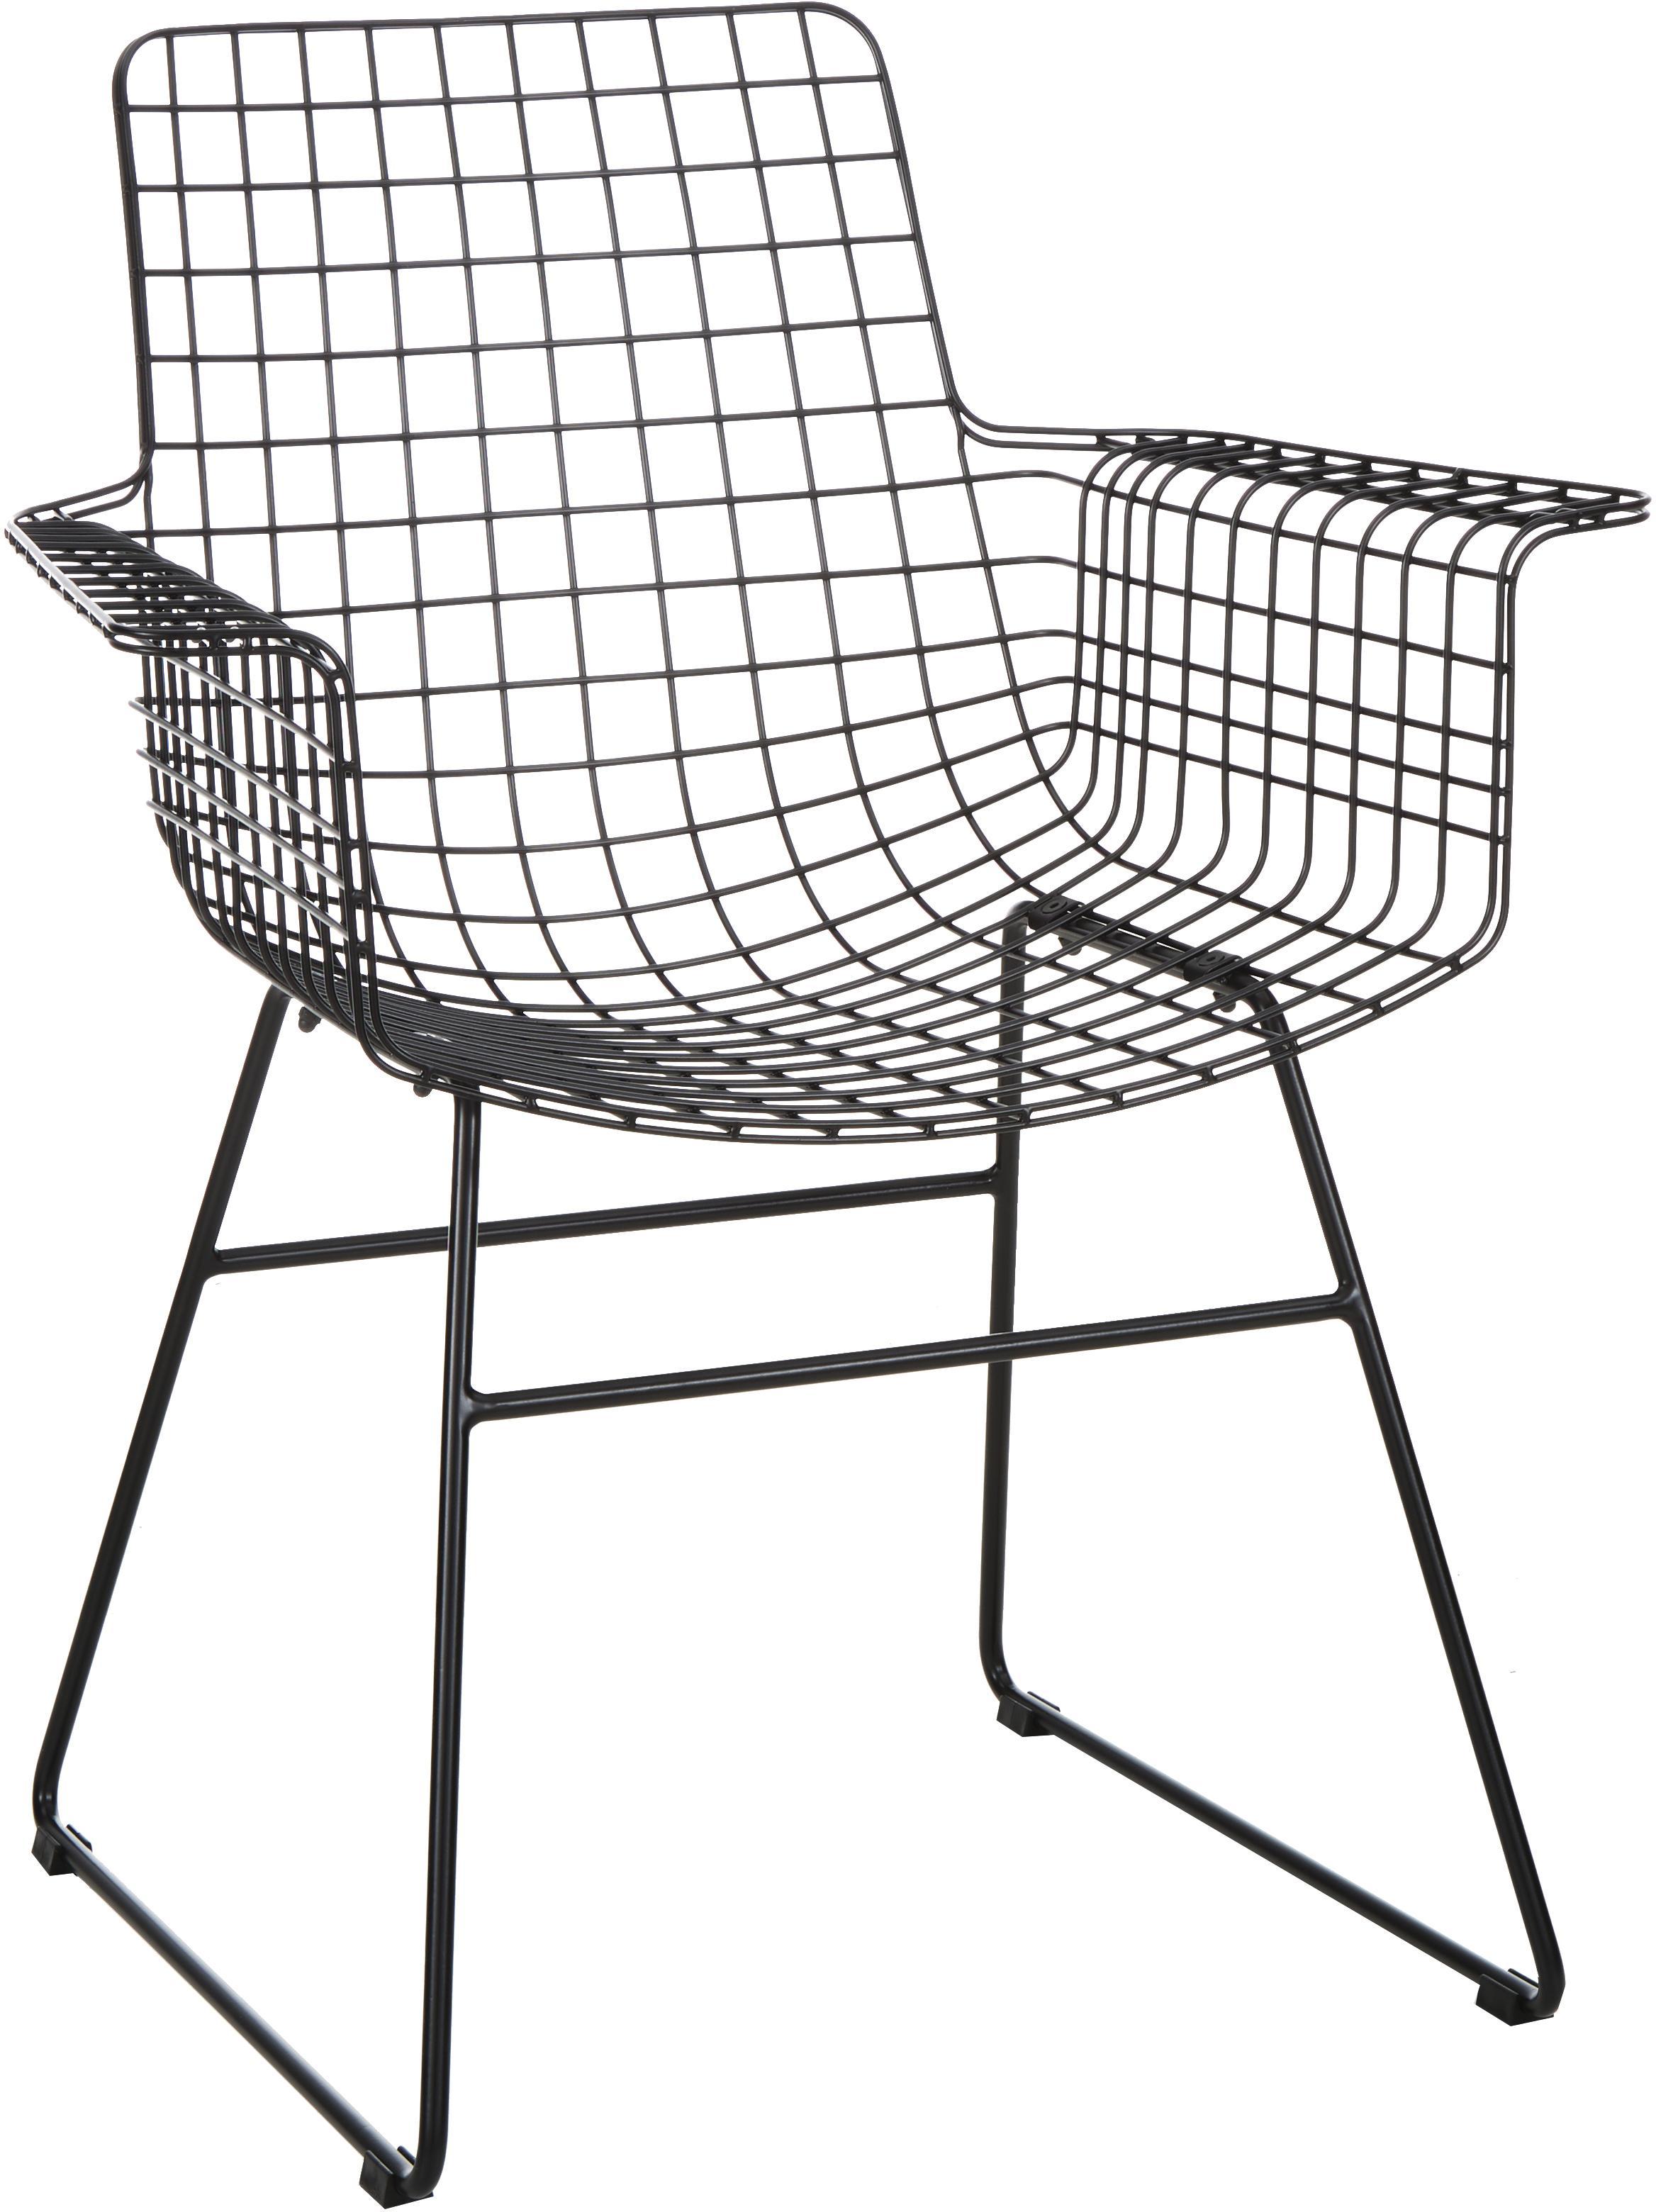 Metalen armstoel Wire in zwart, Gepoedercoat metaal, Zwart, B 72 x D 56 cm